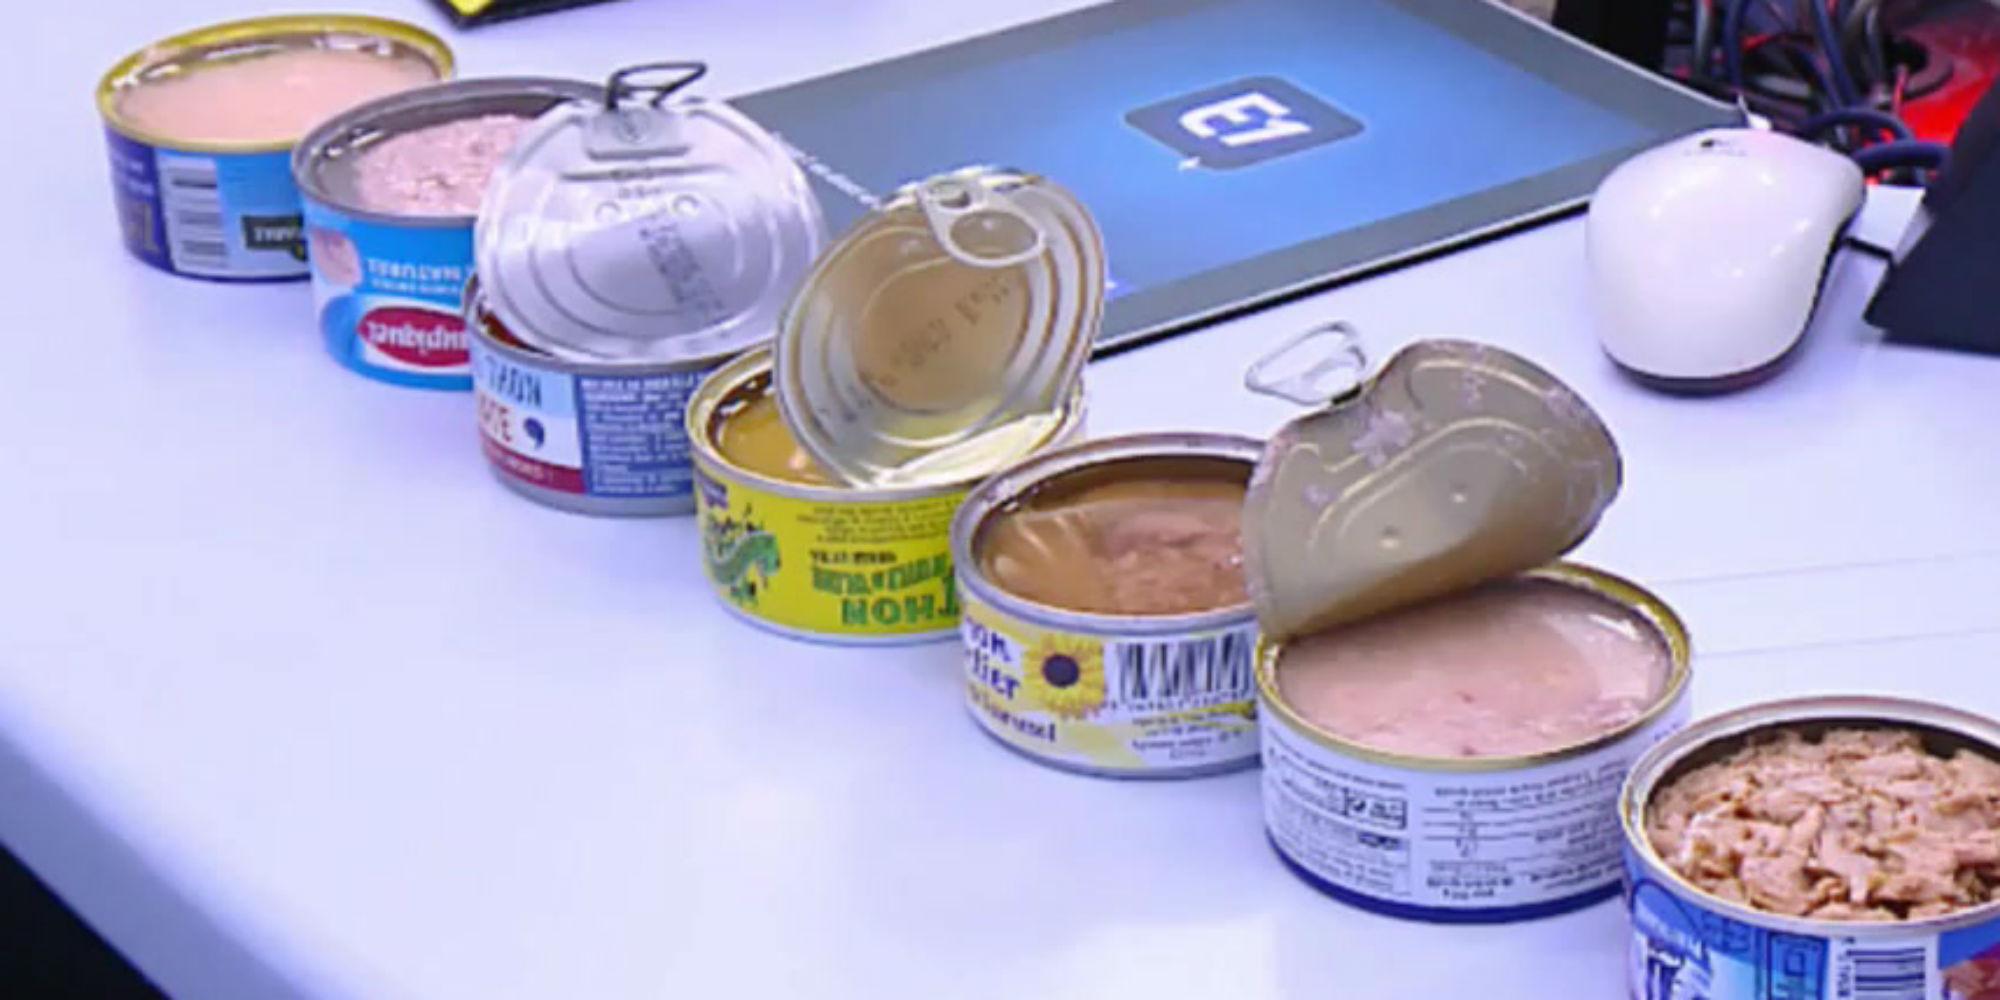 Trois idées de recettes à faire avec une boîte de thon